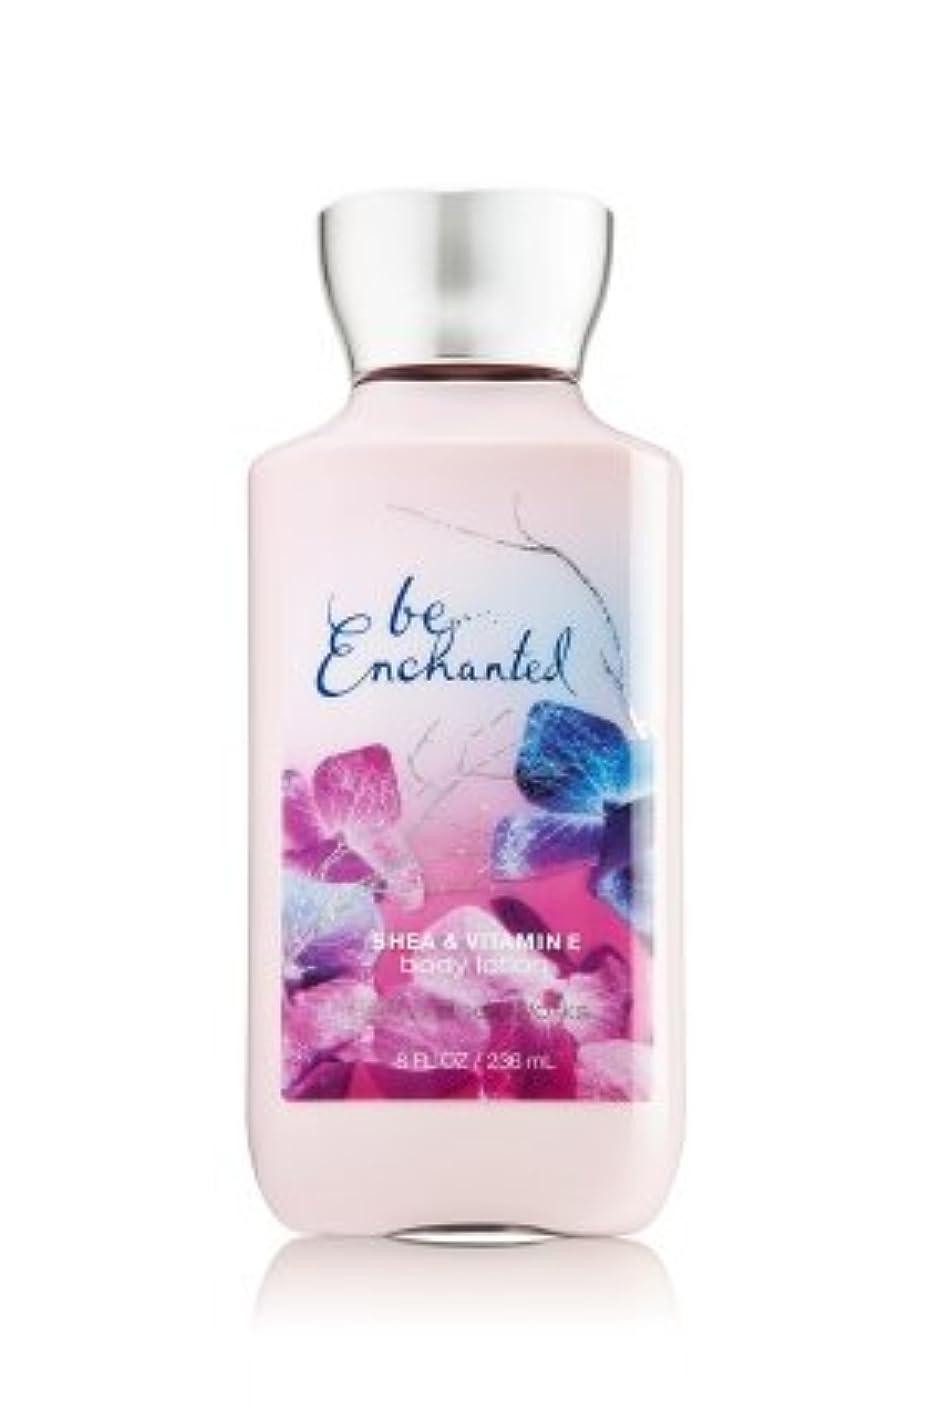 陽気なジャーナル爬虫類【Bath&Body Works/バス&ボディワークス】 ボディローション ビーエンチャンテッド Body Lotion Be Enchanted 8 fl oz / 236 mL [並行輸入品]